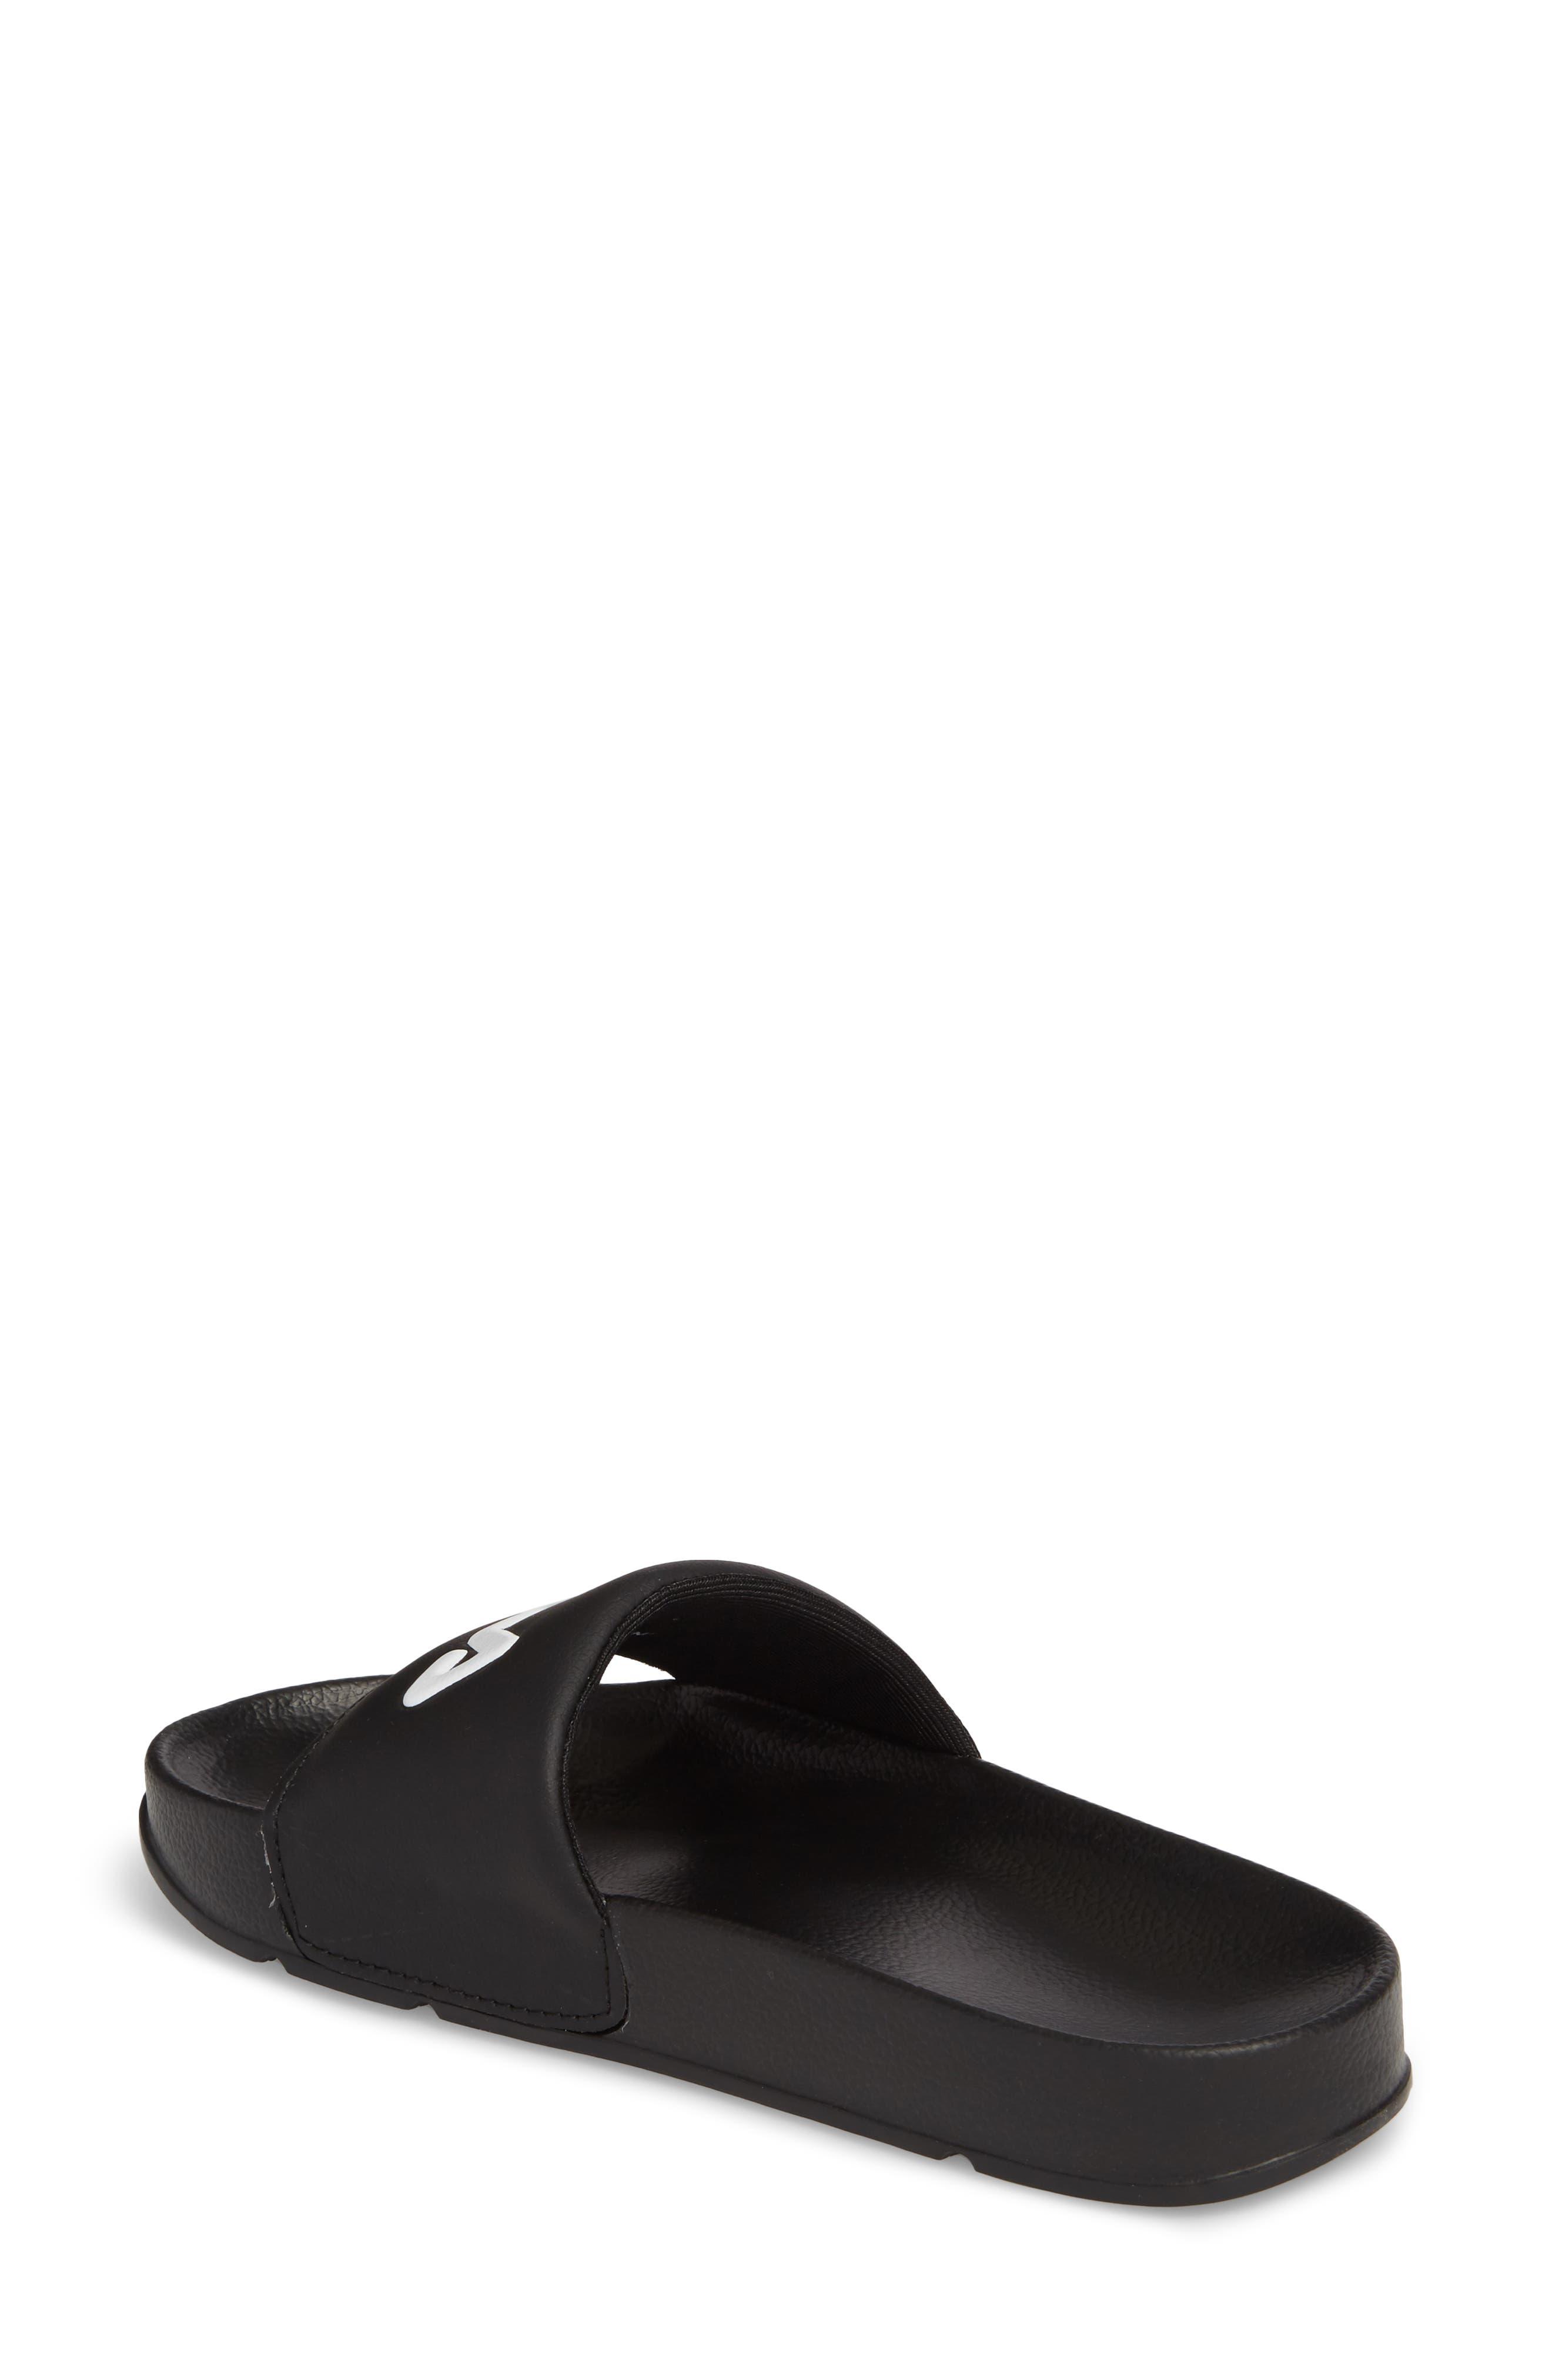 Alternate Image 2  - FILA Drifter Slide Sandal (Women)